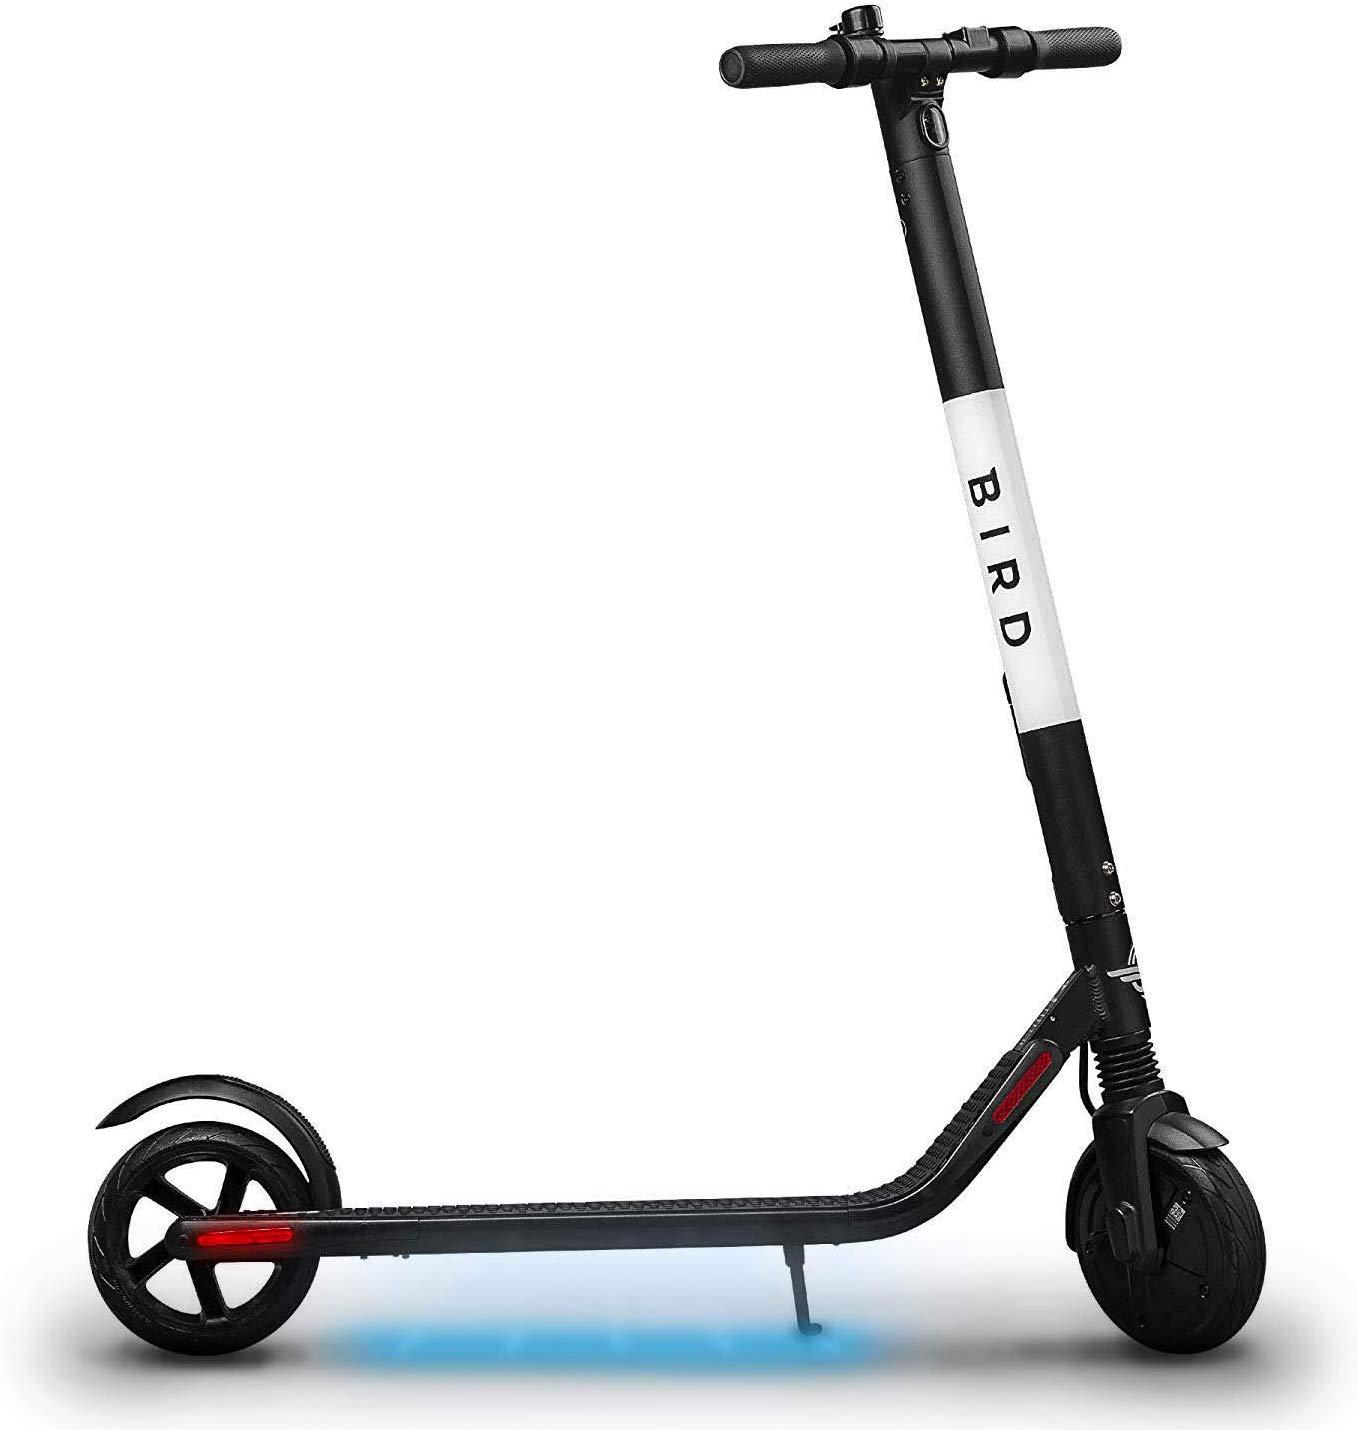 Bird ES1-300 Electric Scooter with 300 Watt Motor